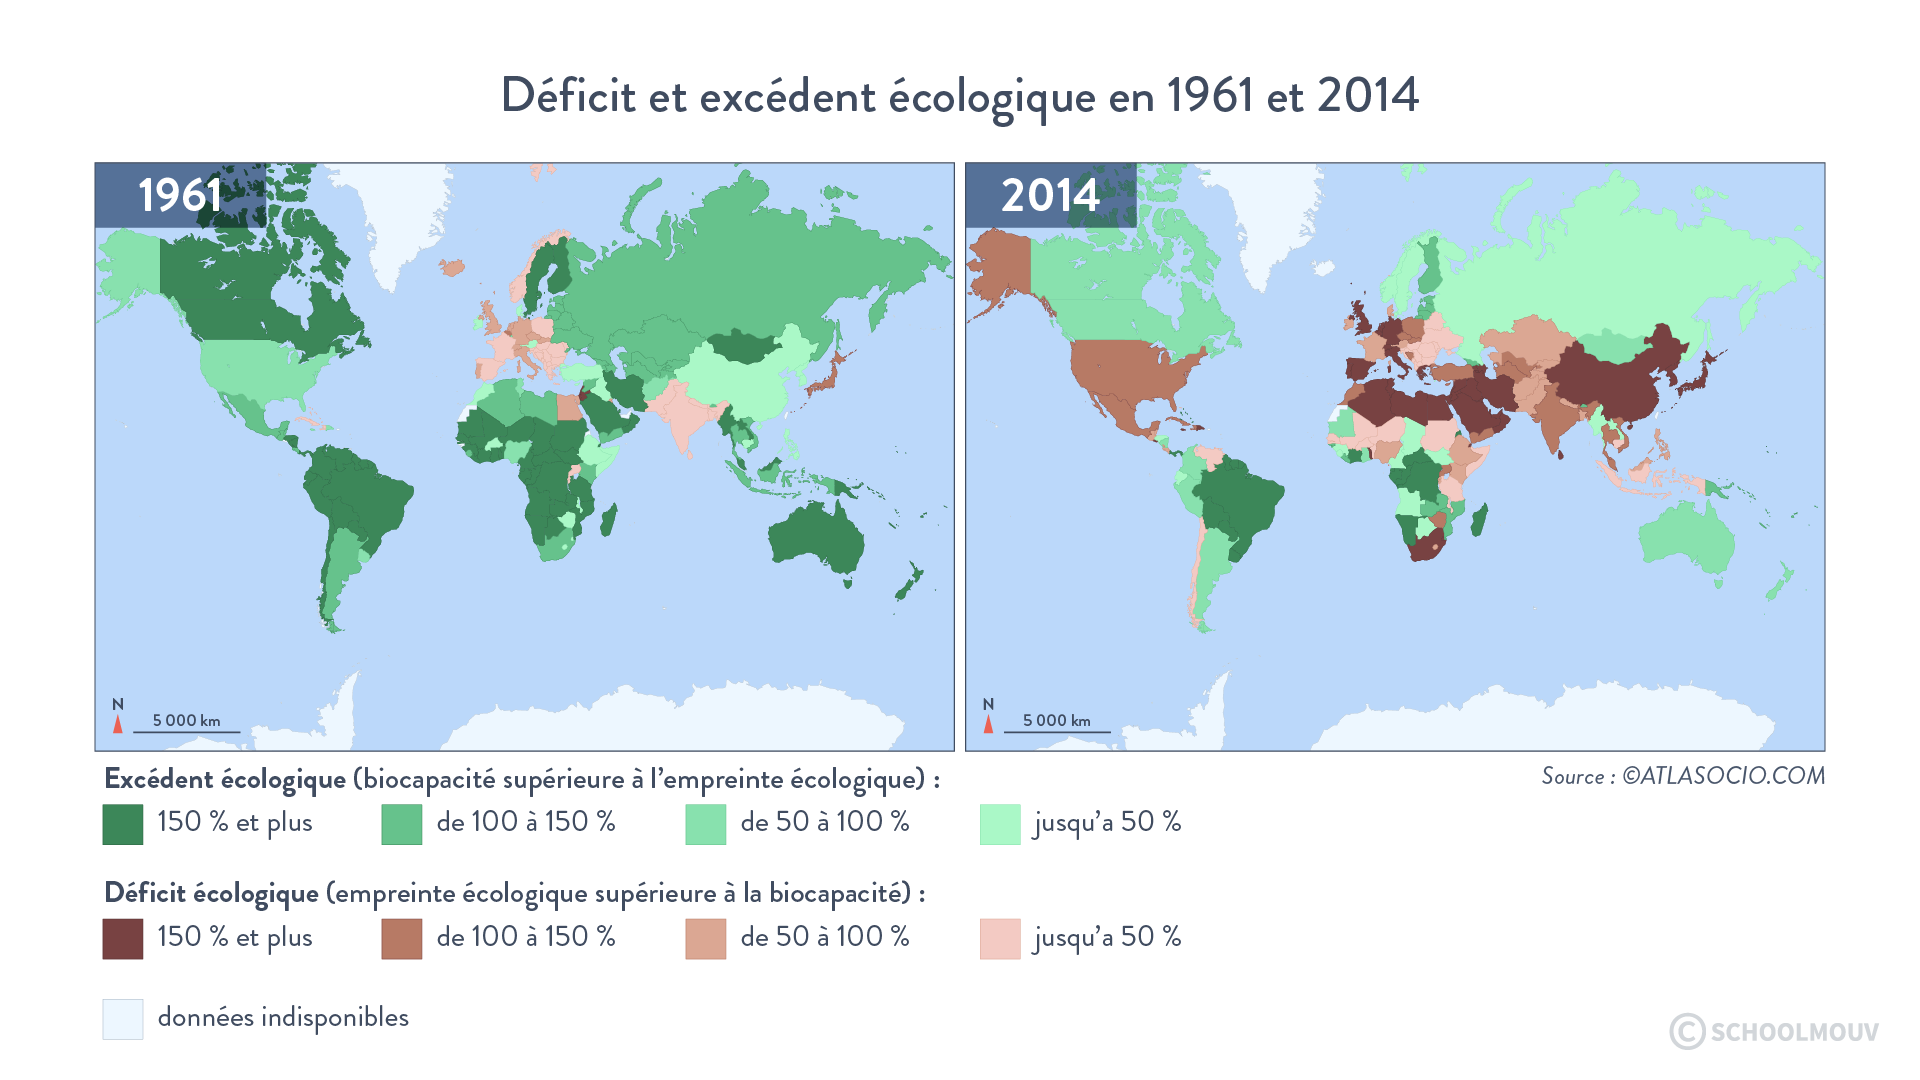 évolution déficit excédent écologique monde